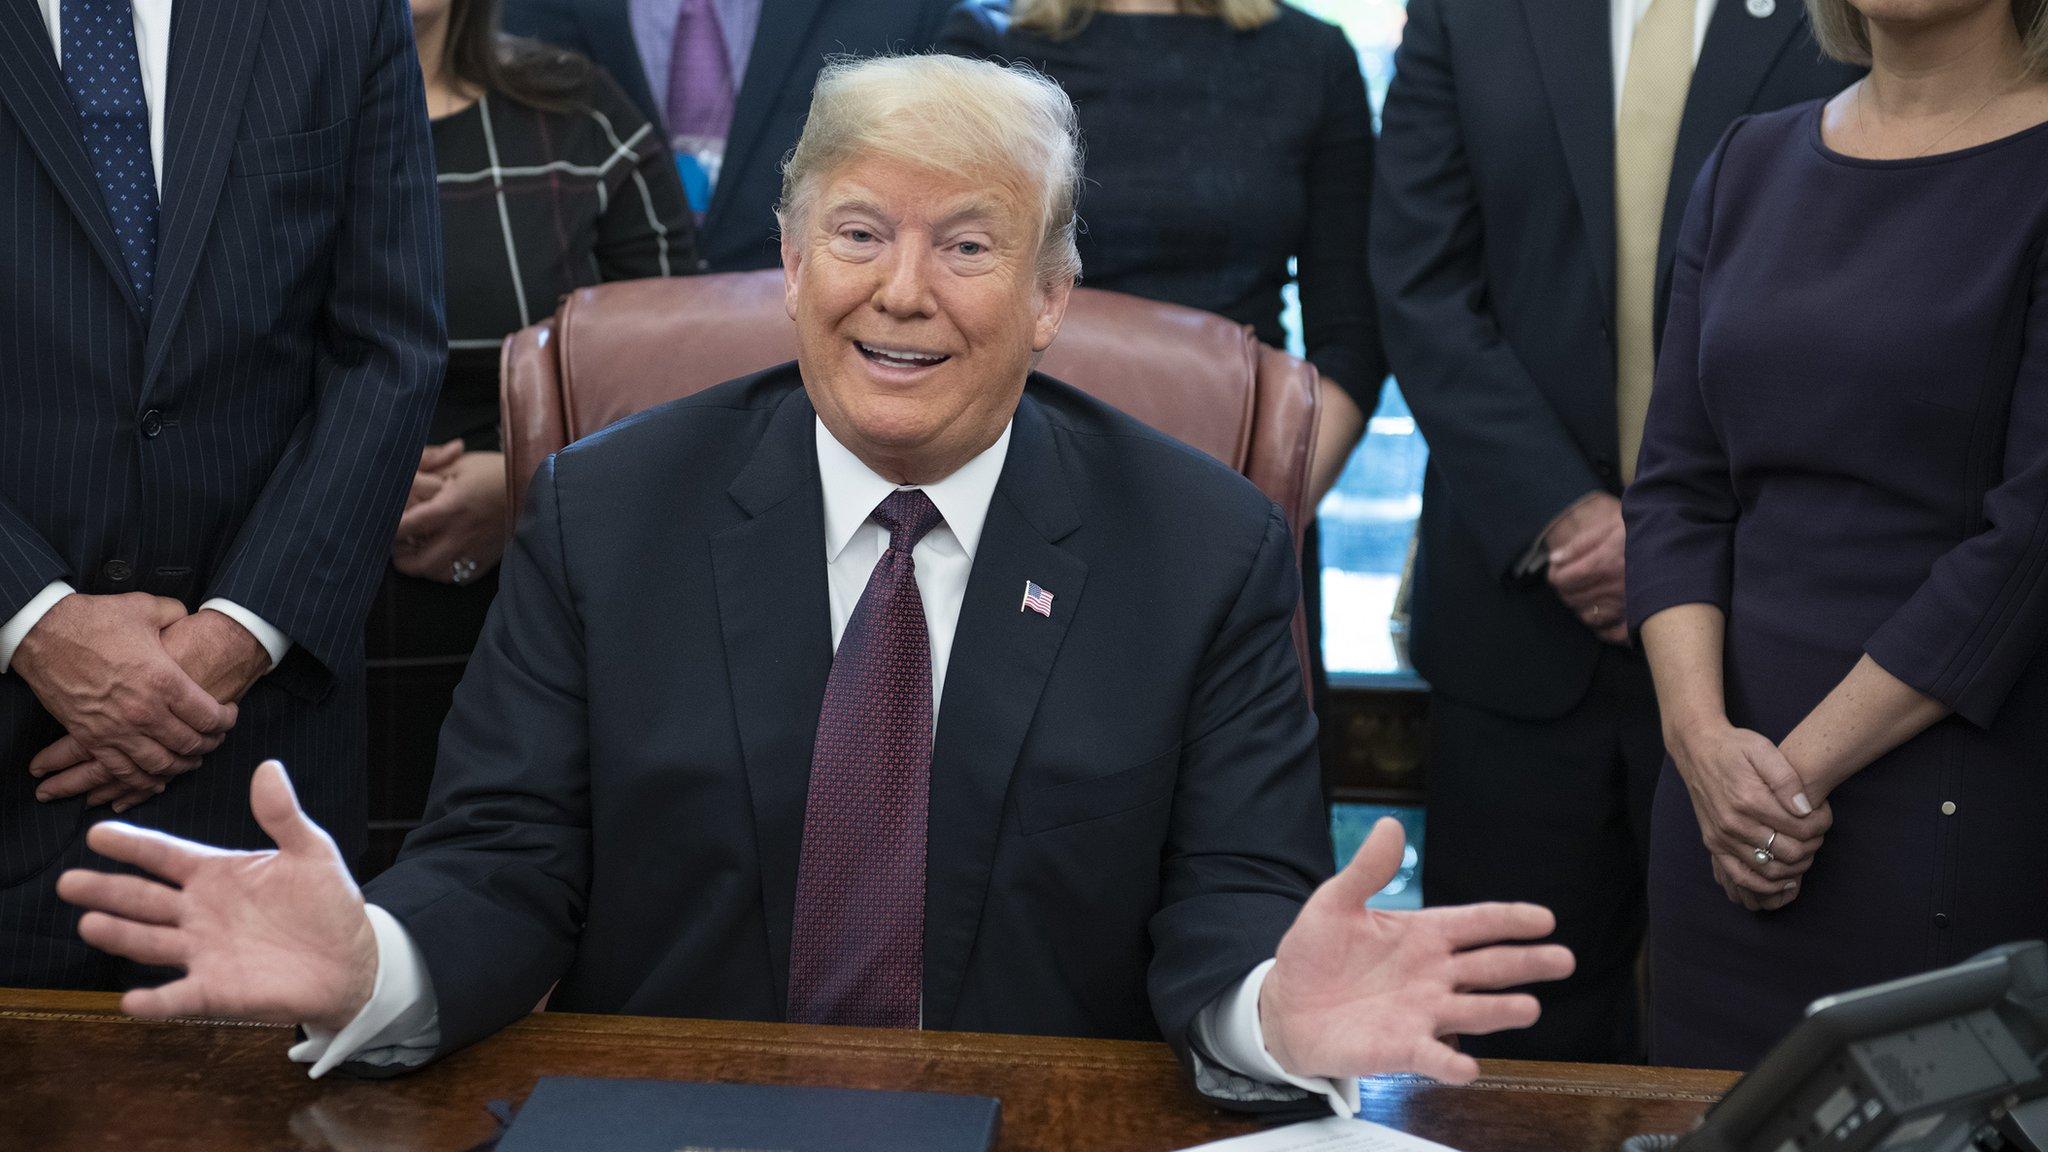 Trump raises hopes of China trade deal